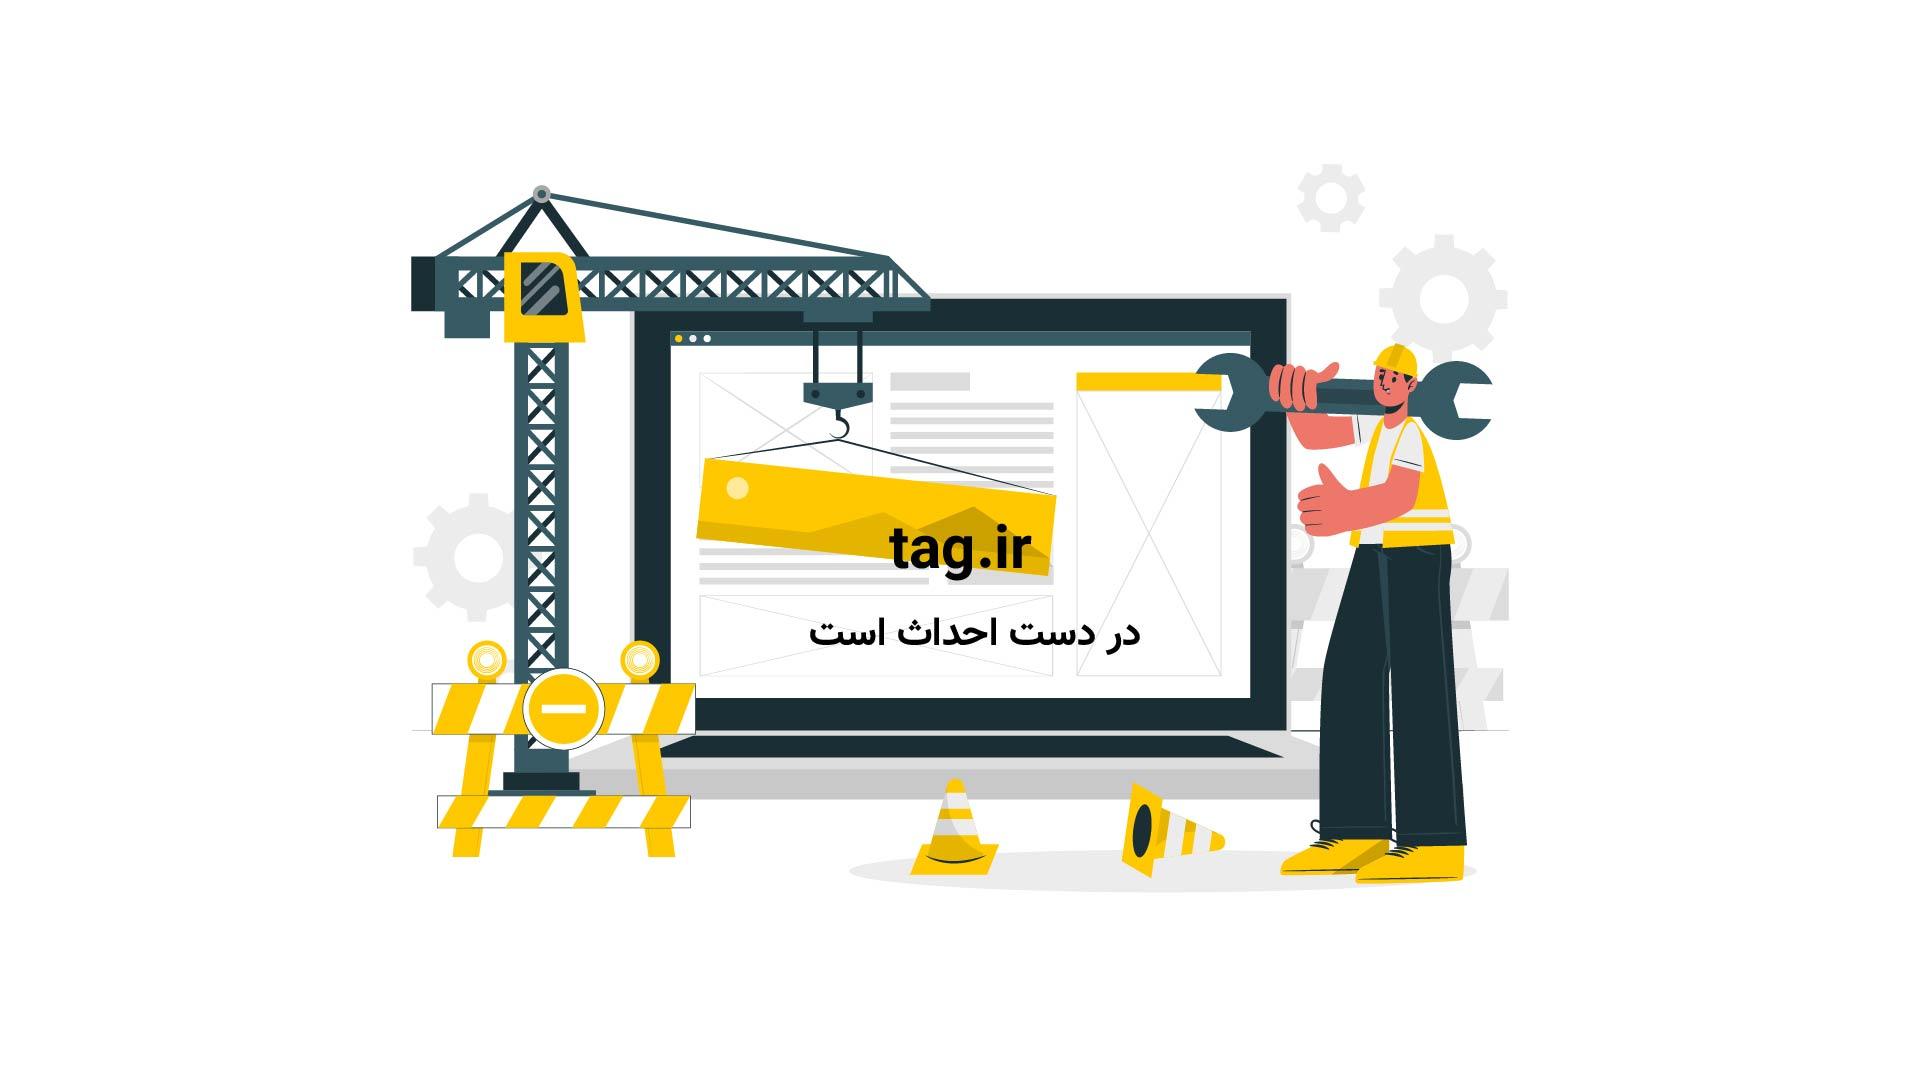 آزمایش؛ یک تخم مرغ خام چند کیلو را می تواند تحمل کند | فیلم